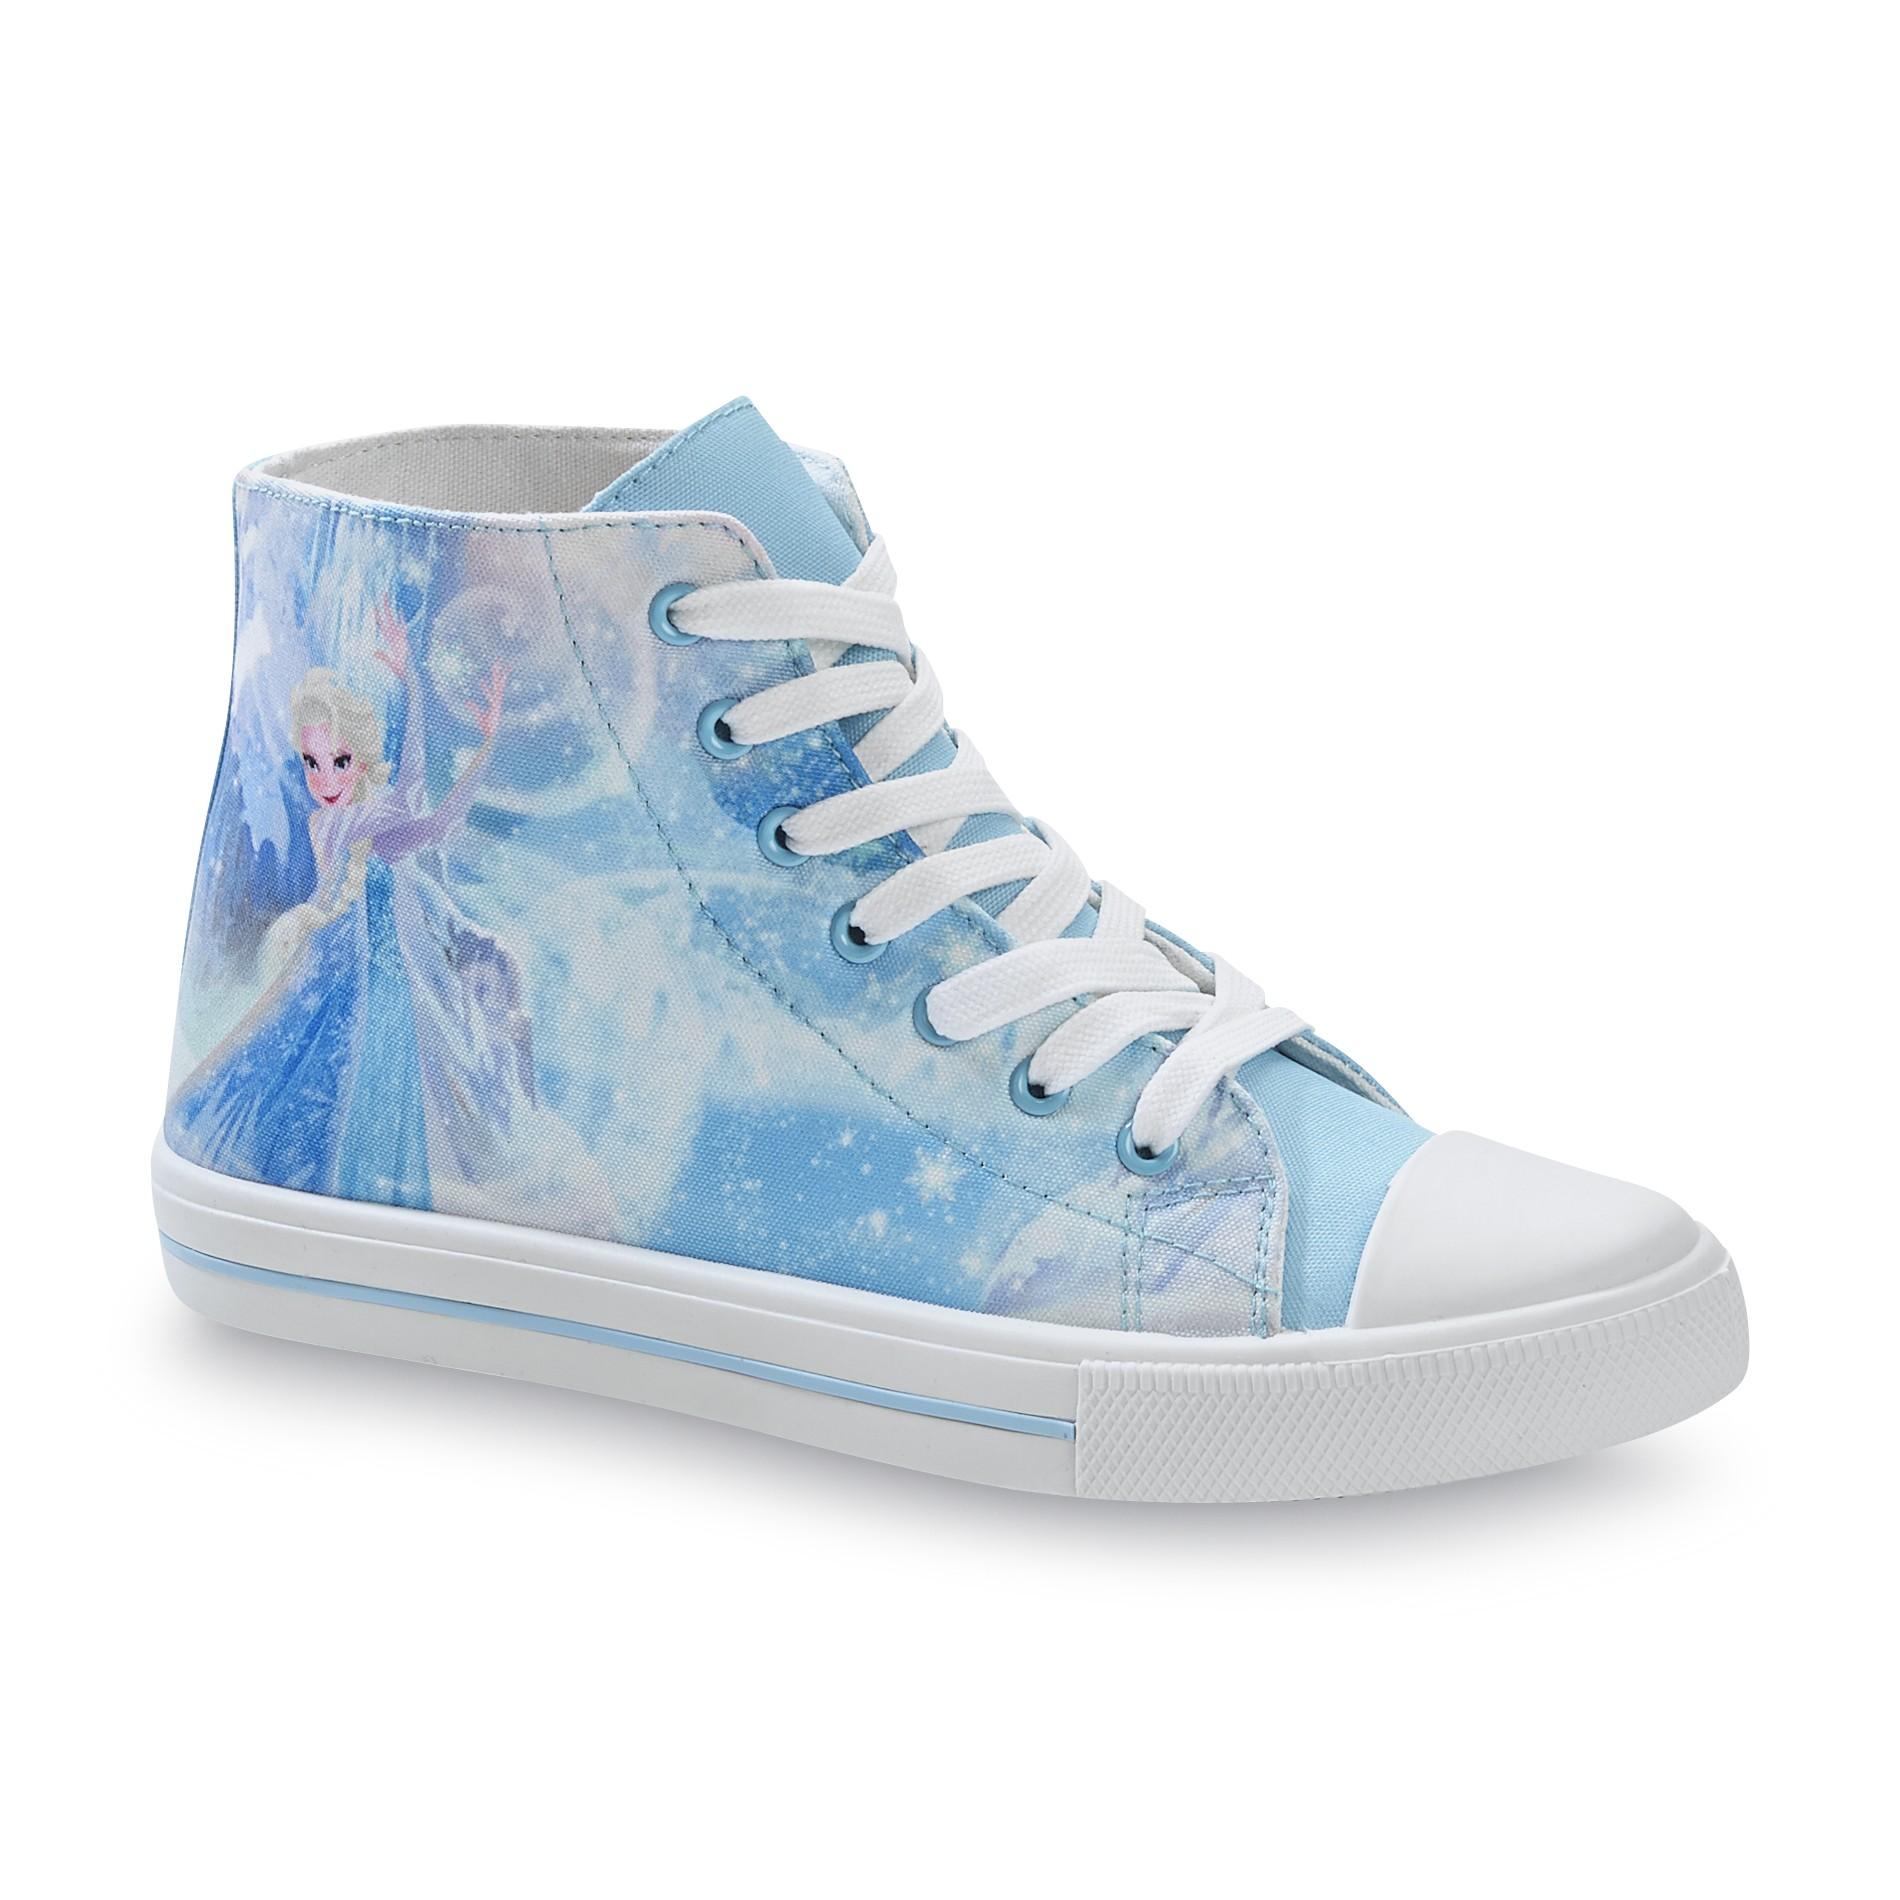 Disney Frozen Womens Light Blue High Top Sneaker